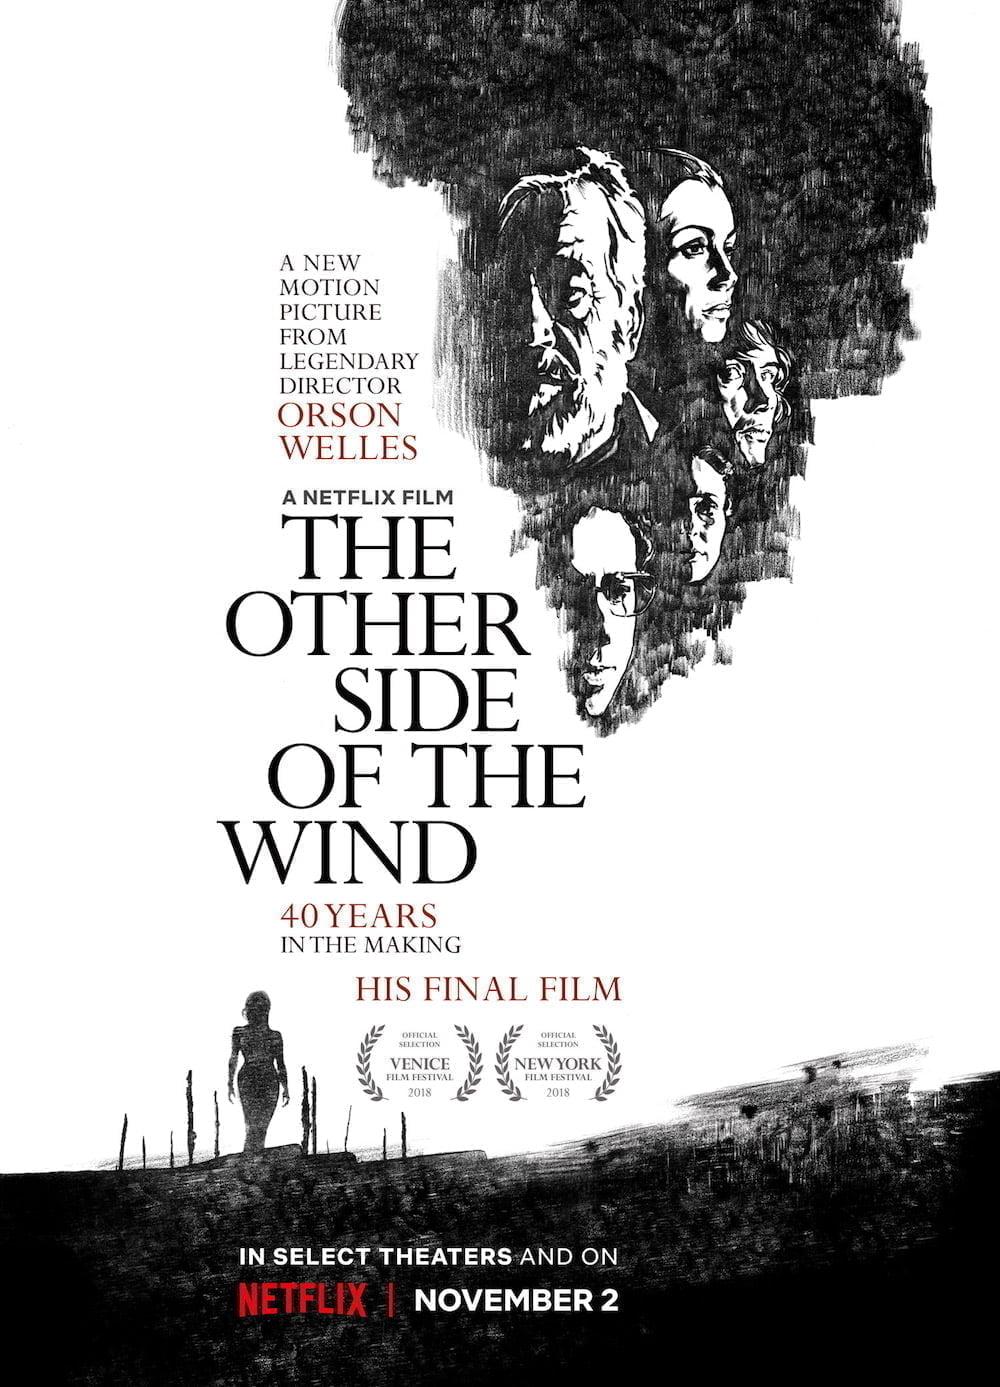 affiche de De l'autre côté du vent